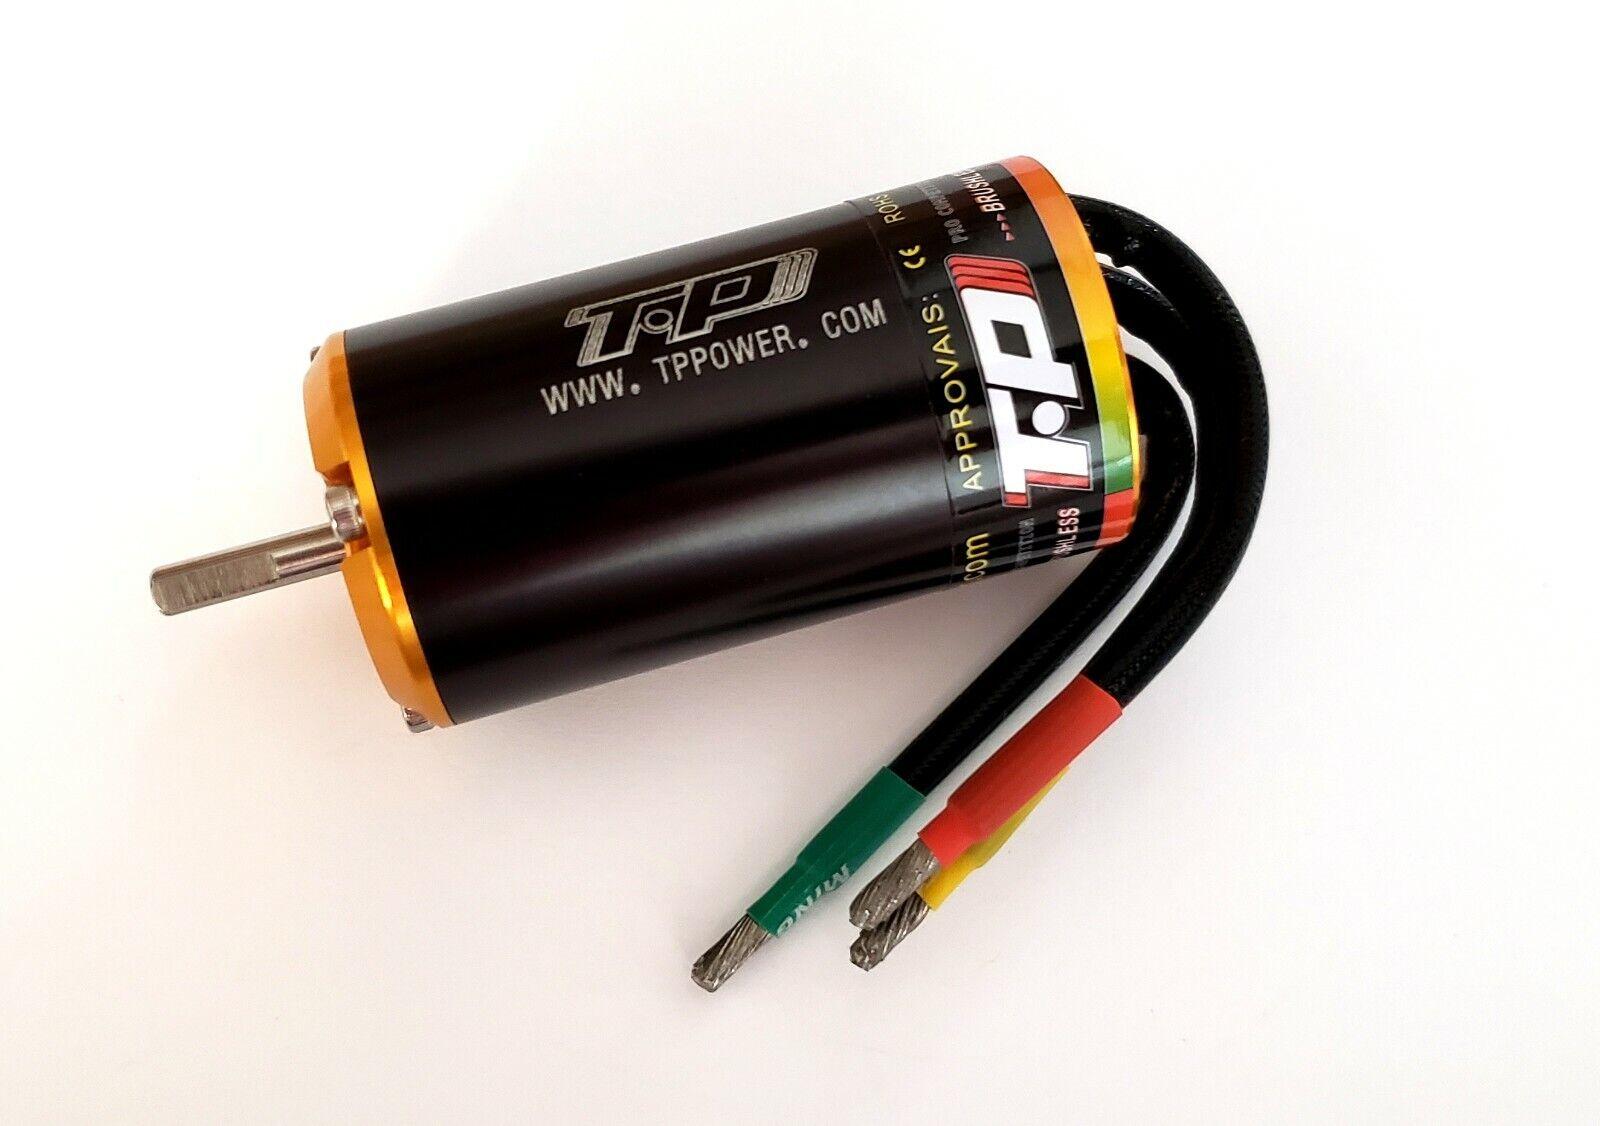 TP Power TP3640 6600kv Brushless Motor TP3640 with 5mm shaft